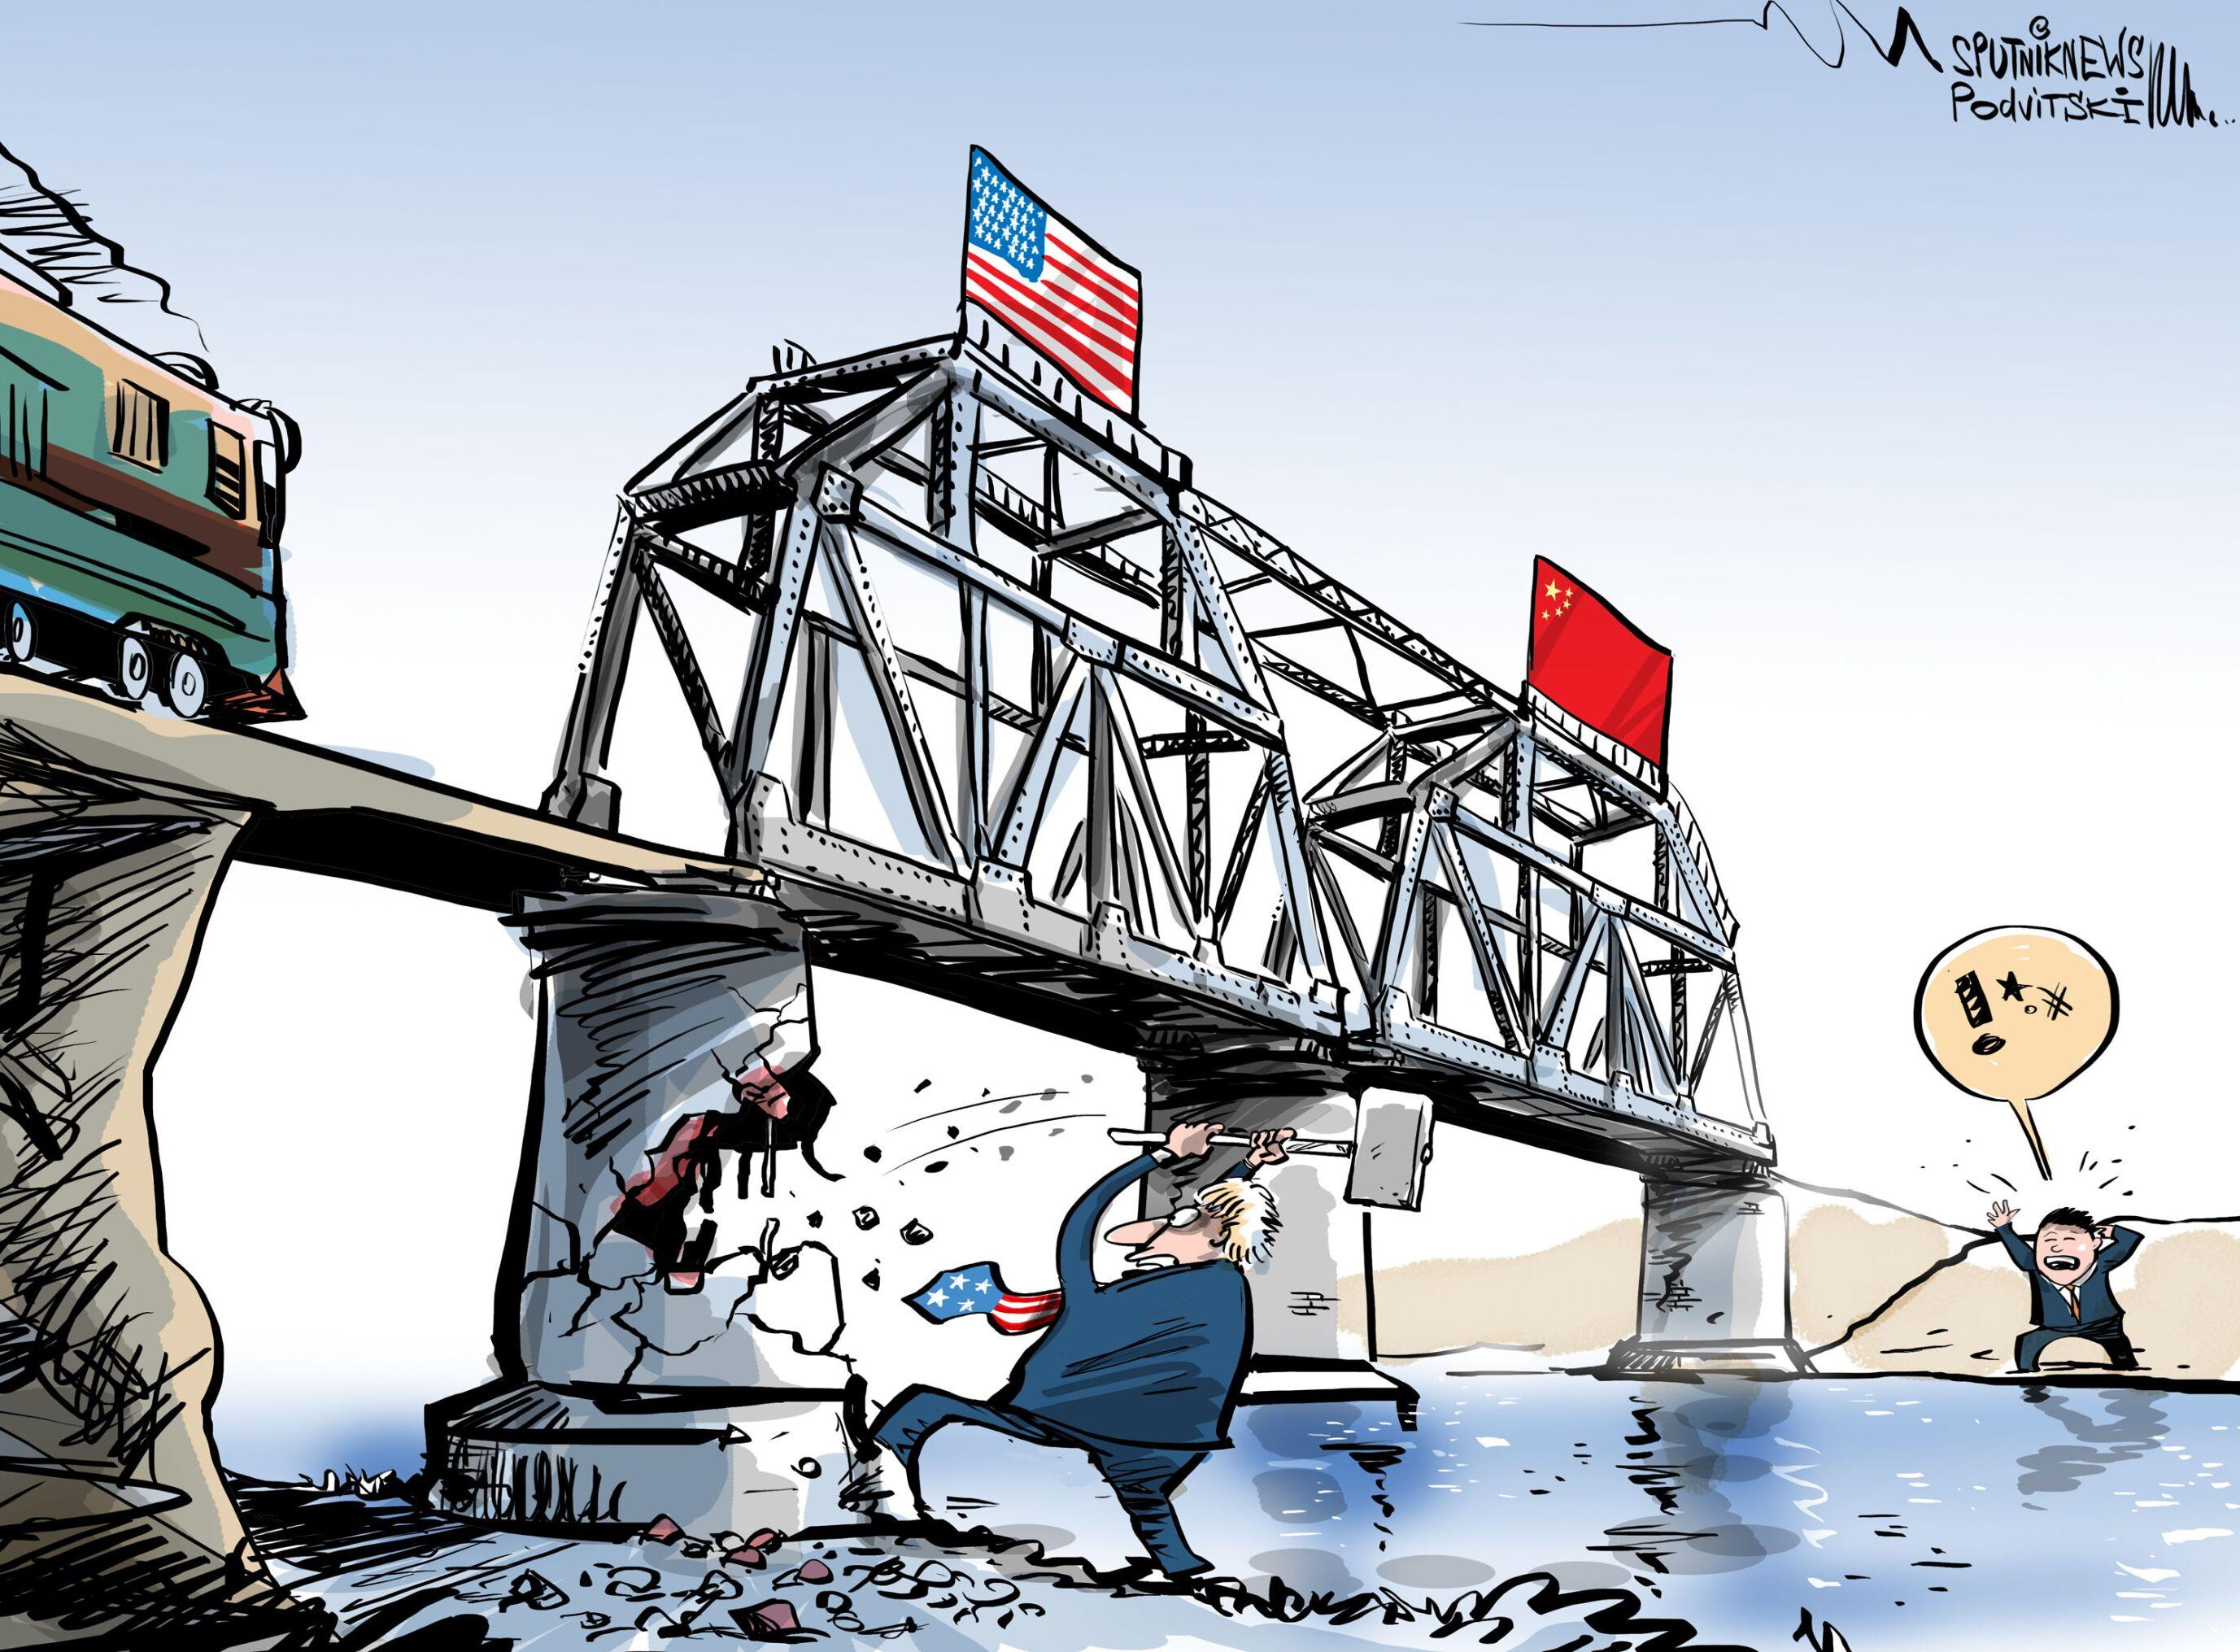 إغلاق قنصلية صينية في أمريكا... قطع العلاقات بين البلدين؟